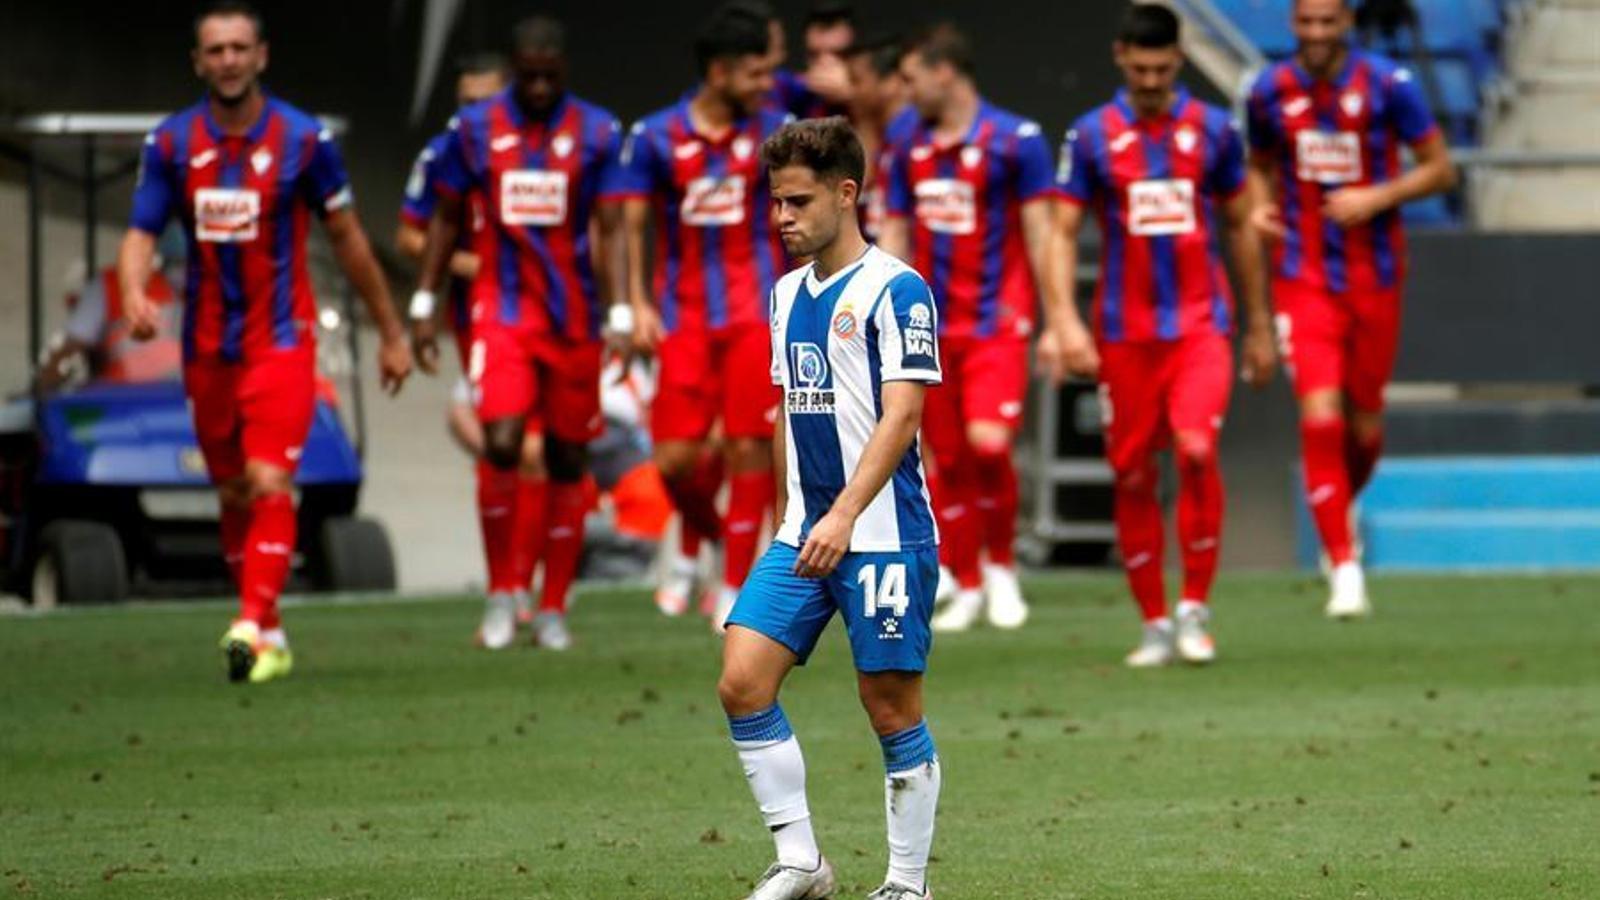 L'Espanyol, desnonat, dona un cop de mà a l'Eibar (0-2)